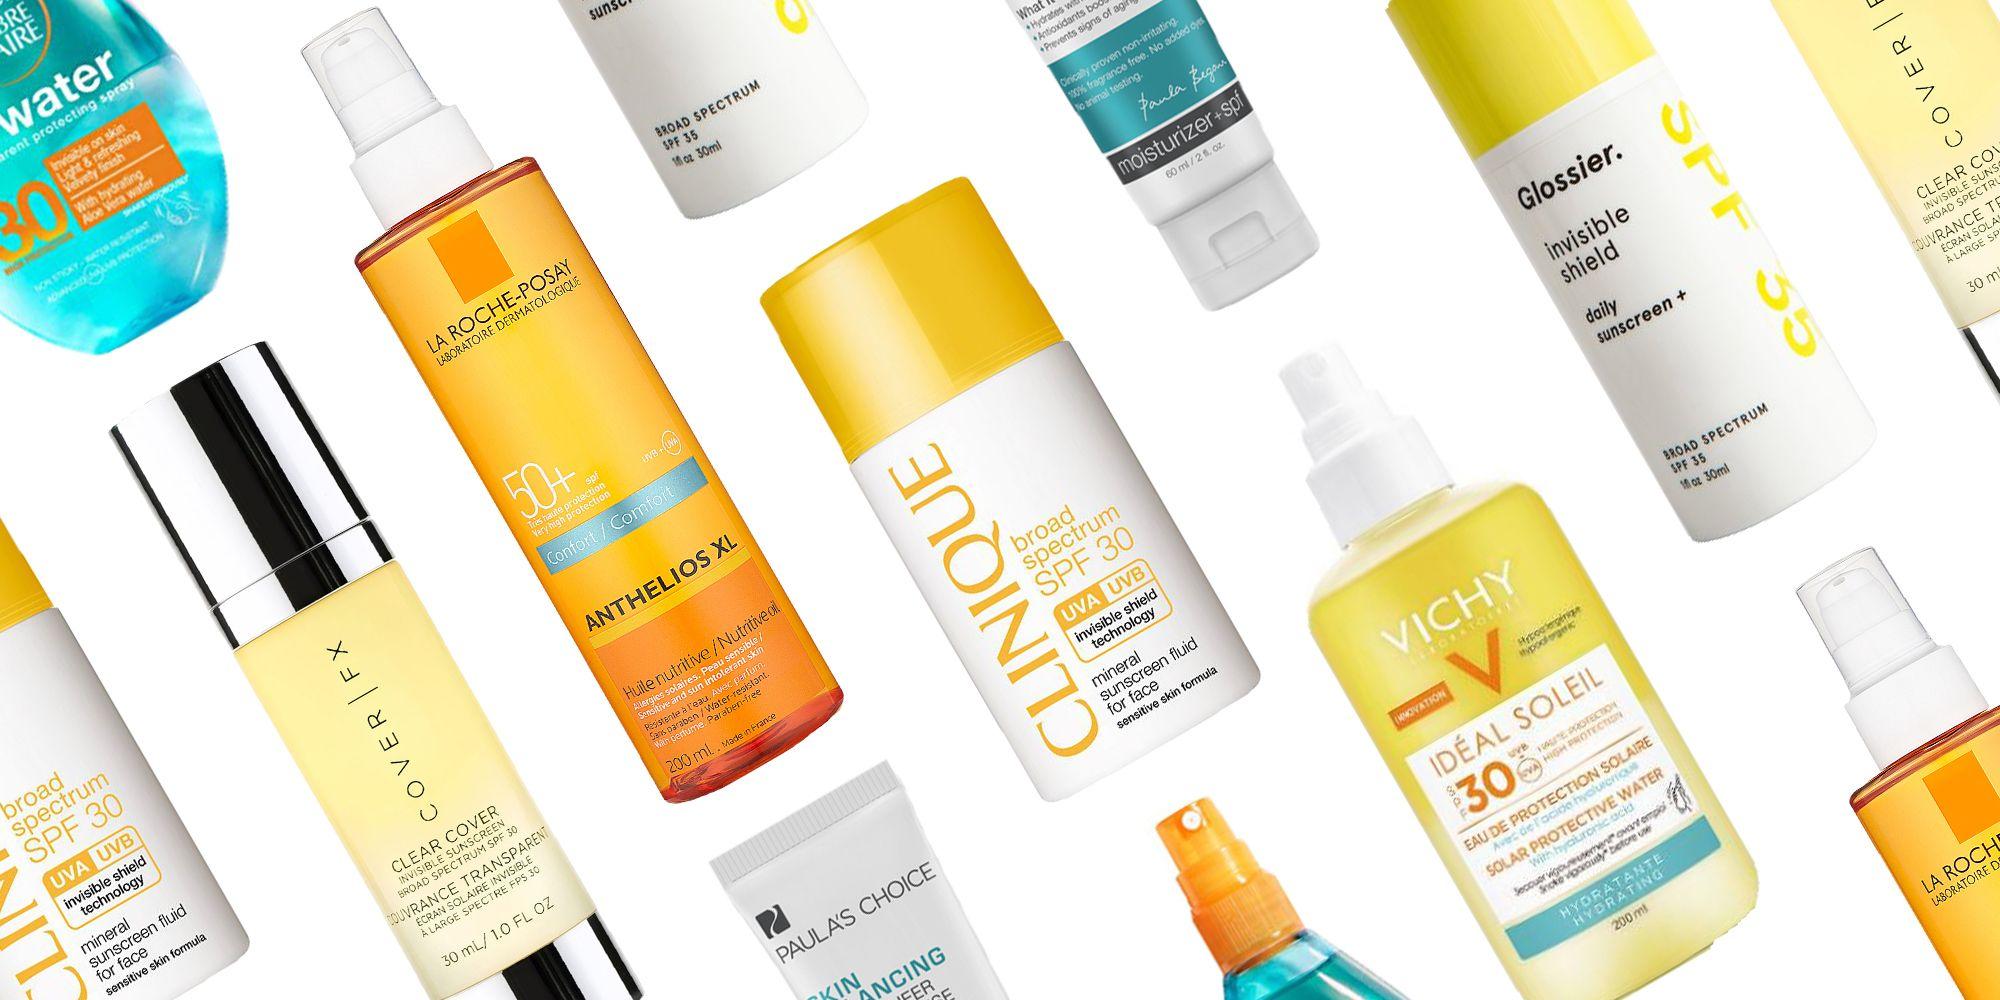 Sun cream for dark skin tones